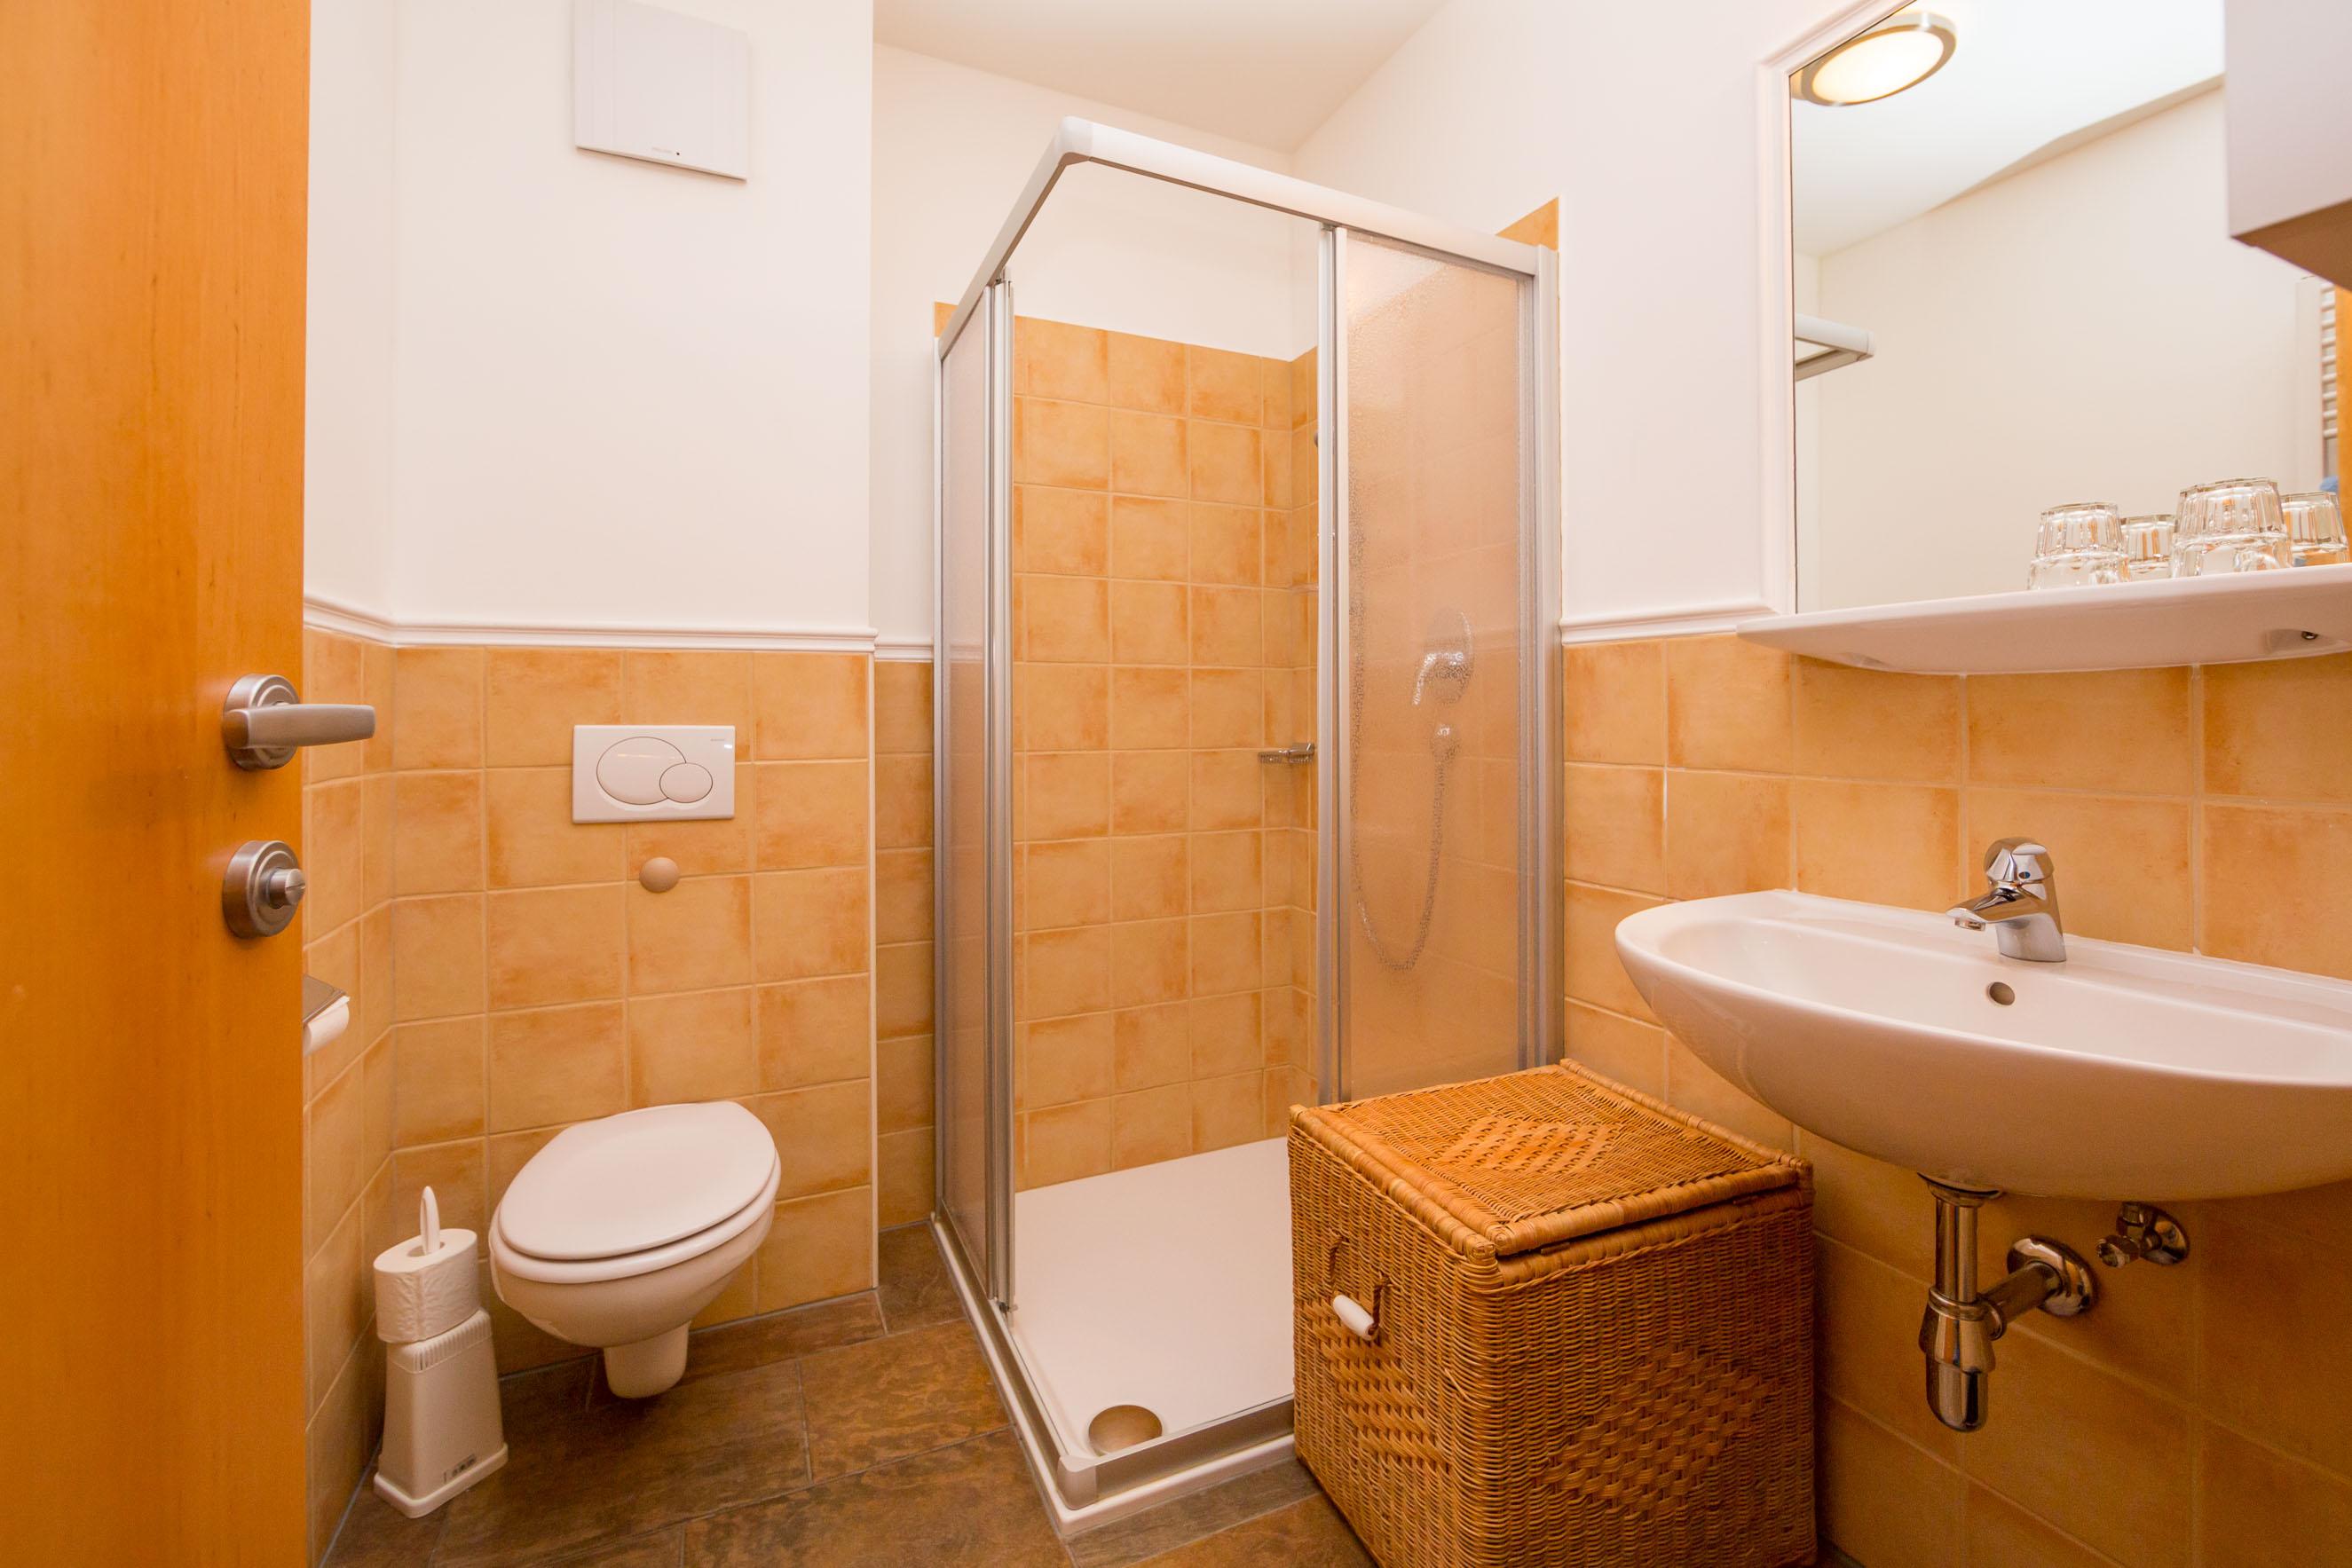 Nett Design Badezimmer ~ Nett badezimmer afrikanischer stil fotos die